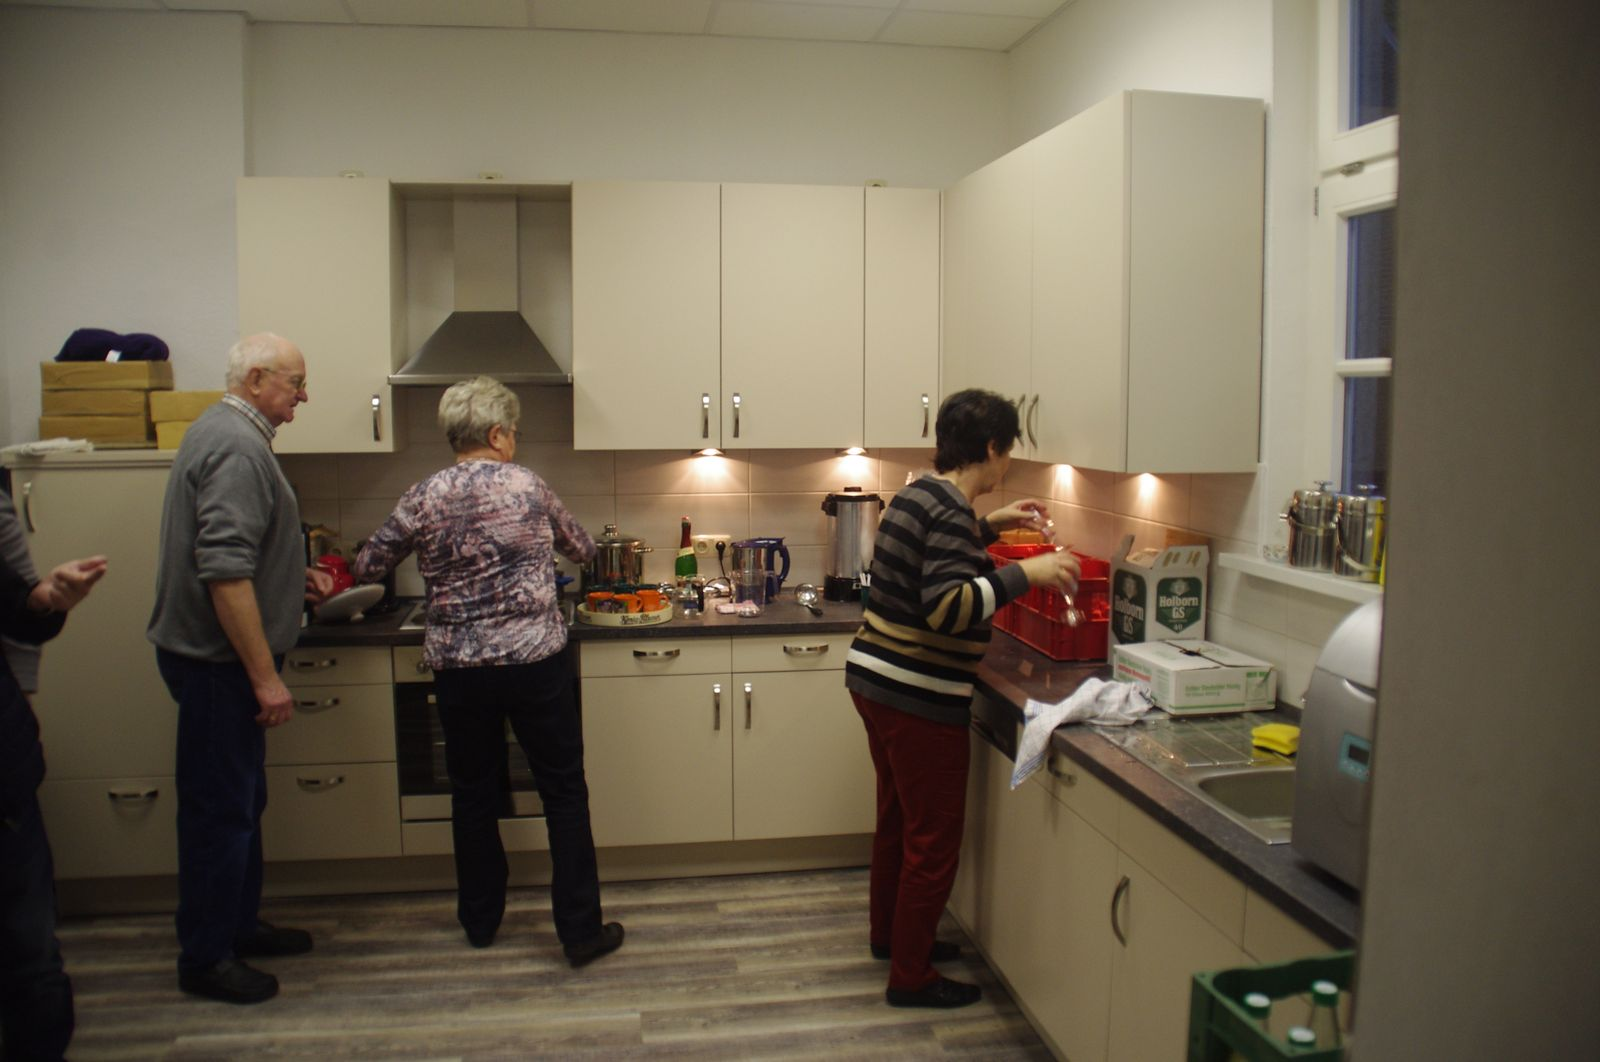 Die Küche im Einsatz